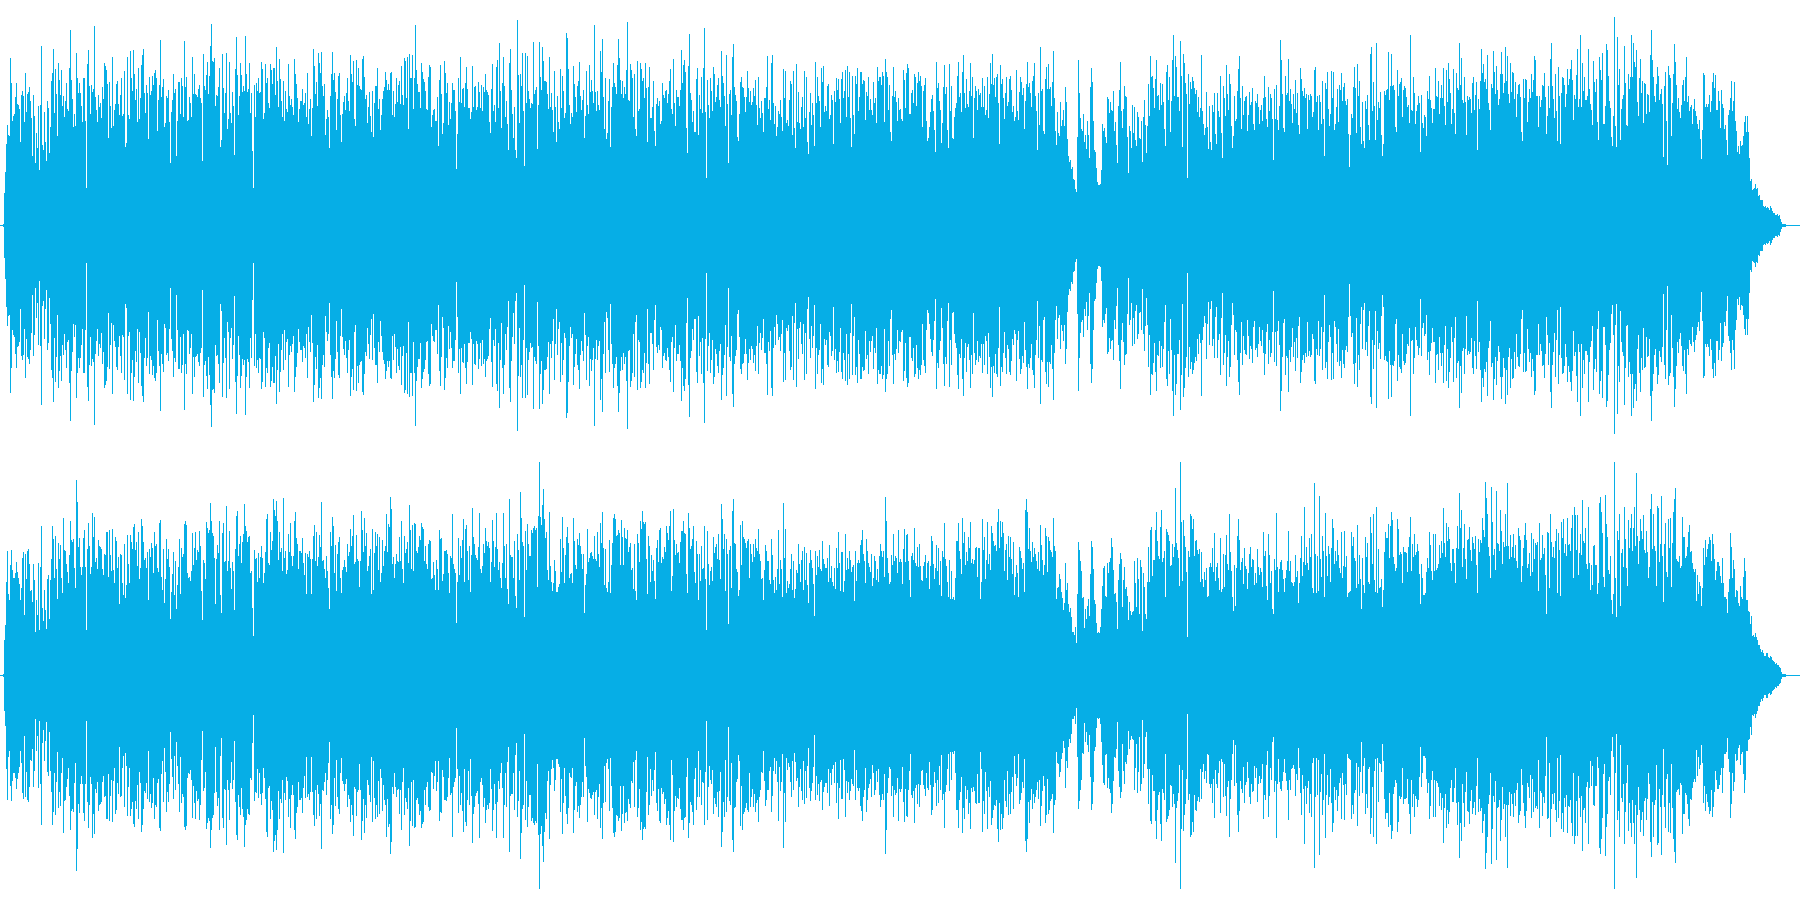 軽快でおしゃれな生演奏フルートのボサノバの再生済みの波形